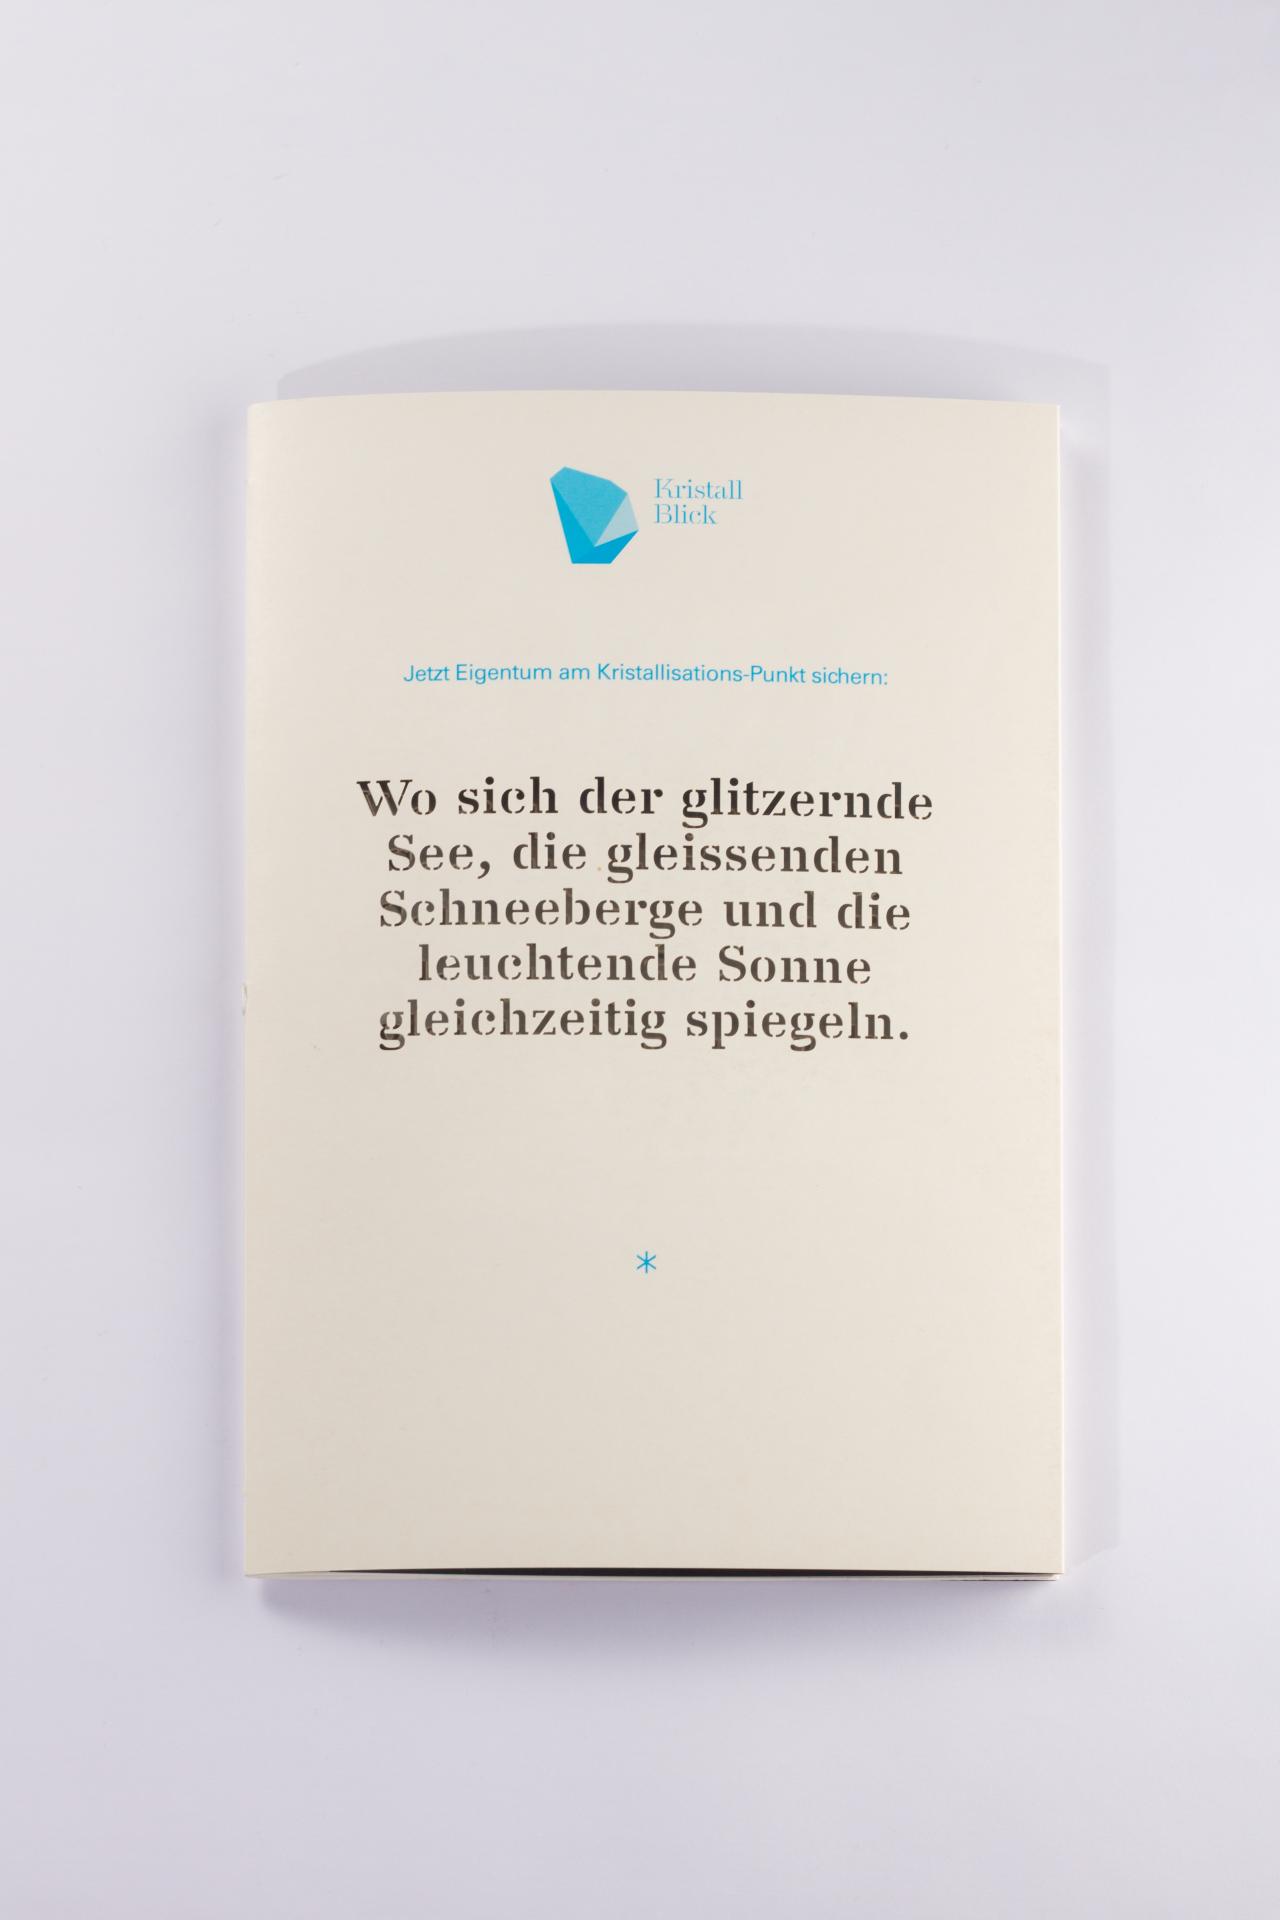 Tanner Druck AG, Stanzung Flyer Kristall Blick